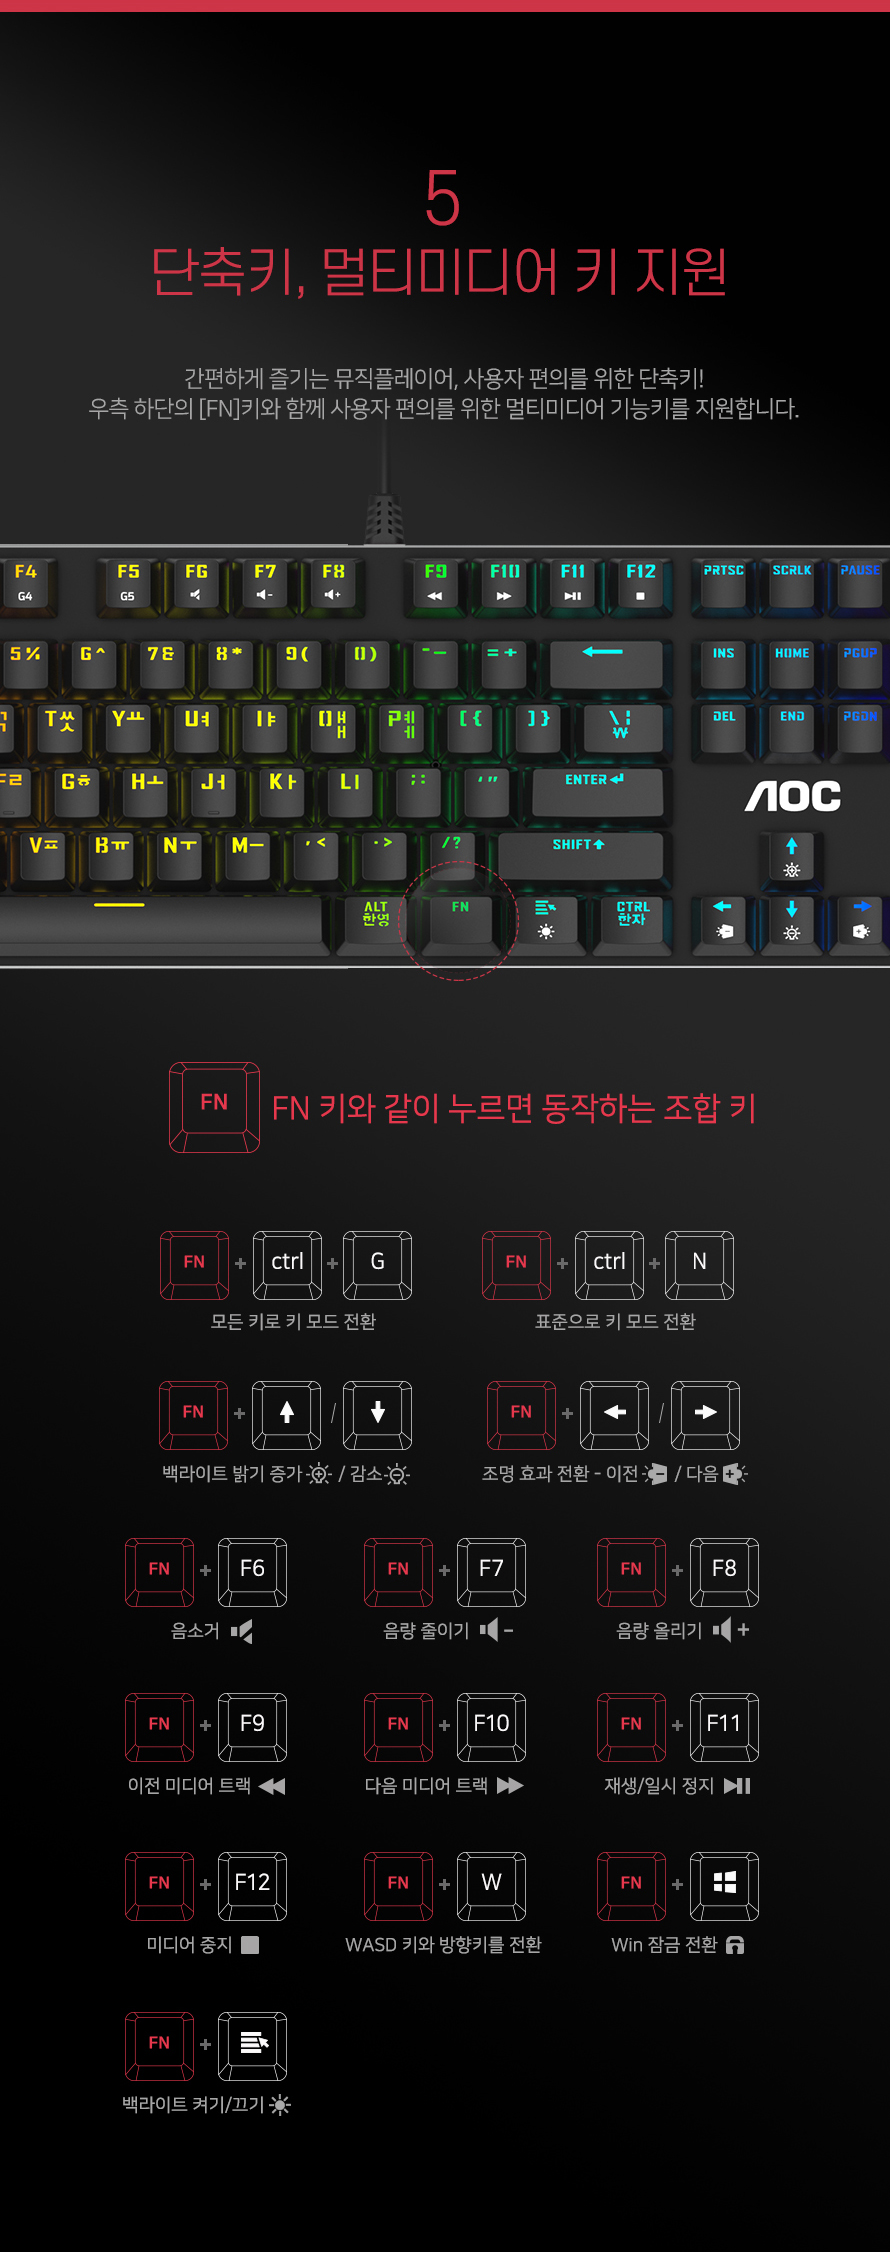 알파스캔 AOC GK500 게이밍 RGB LED 기계식